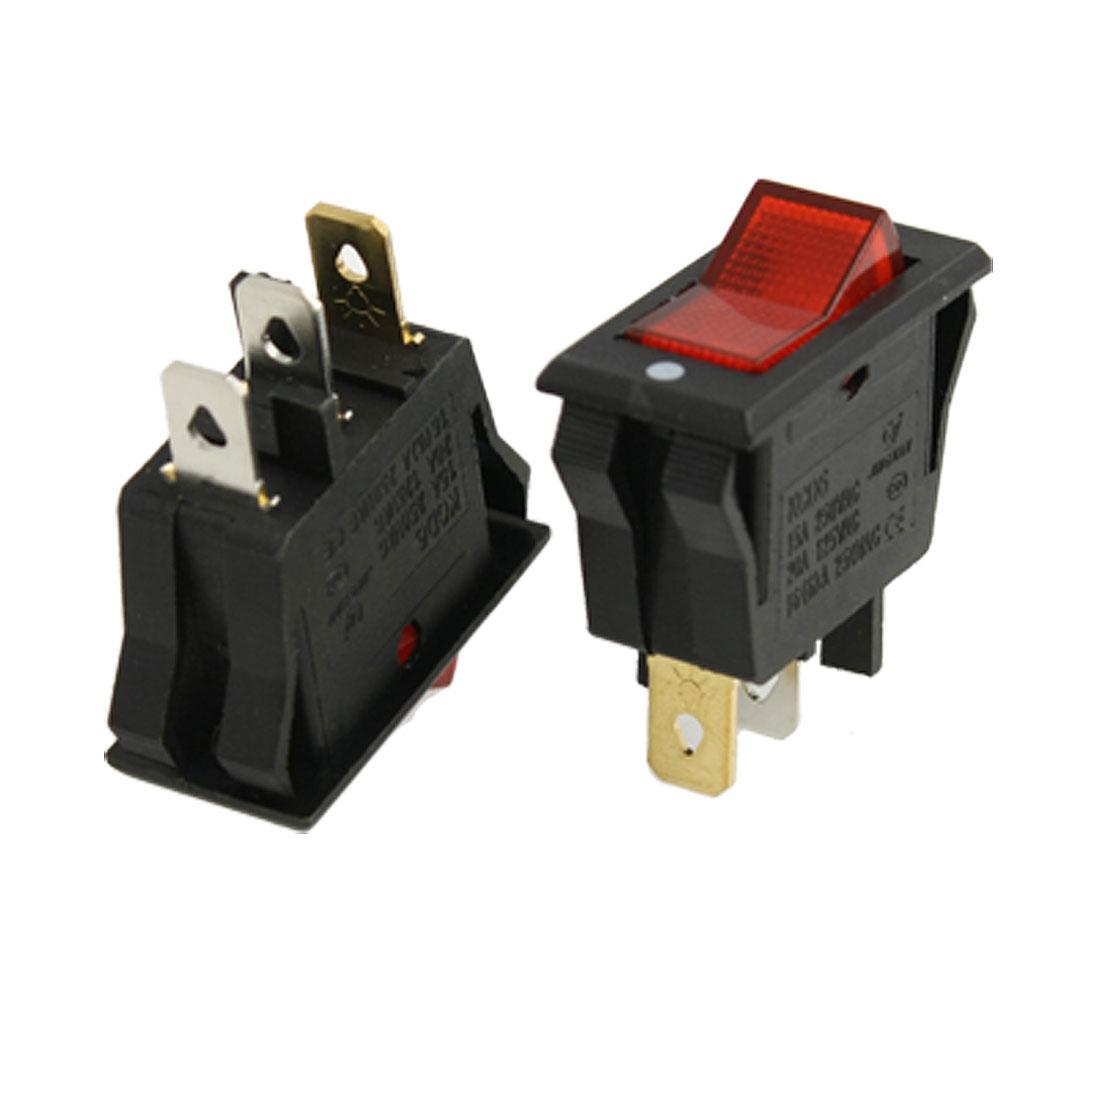 AC 15A/250V 20A/125V Red Light ON-OFF SPST Snap in Boat Rocker Switch x 5pcs